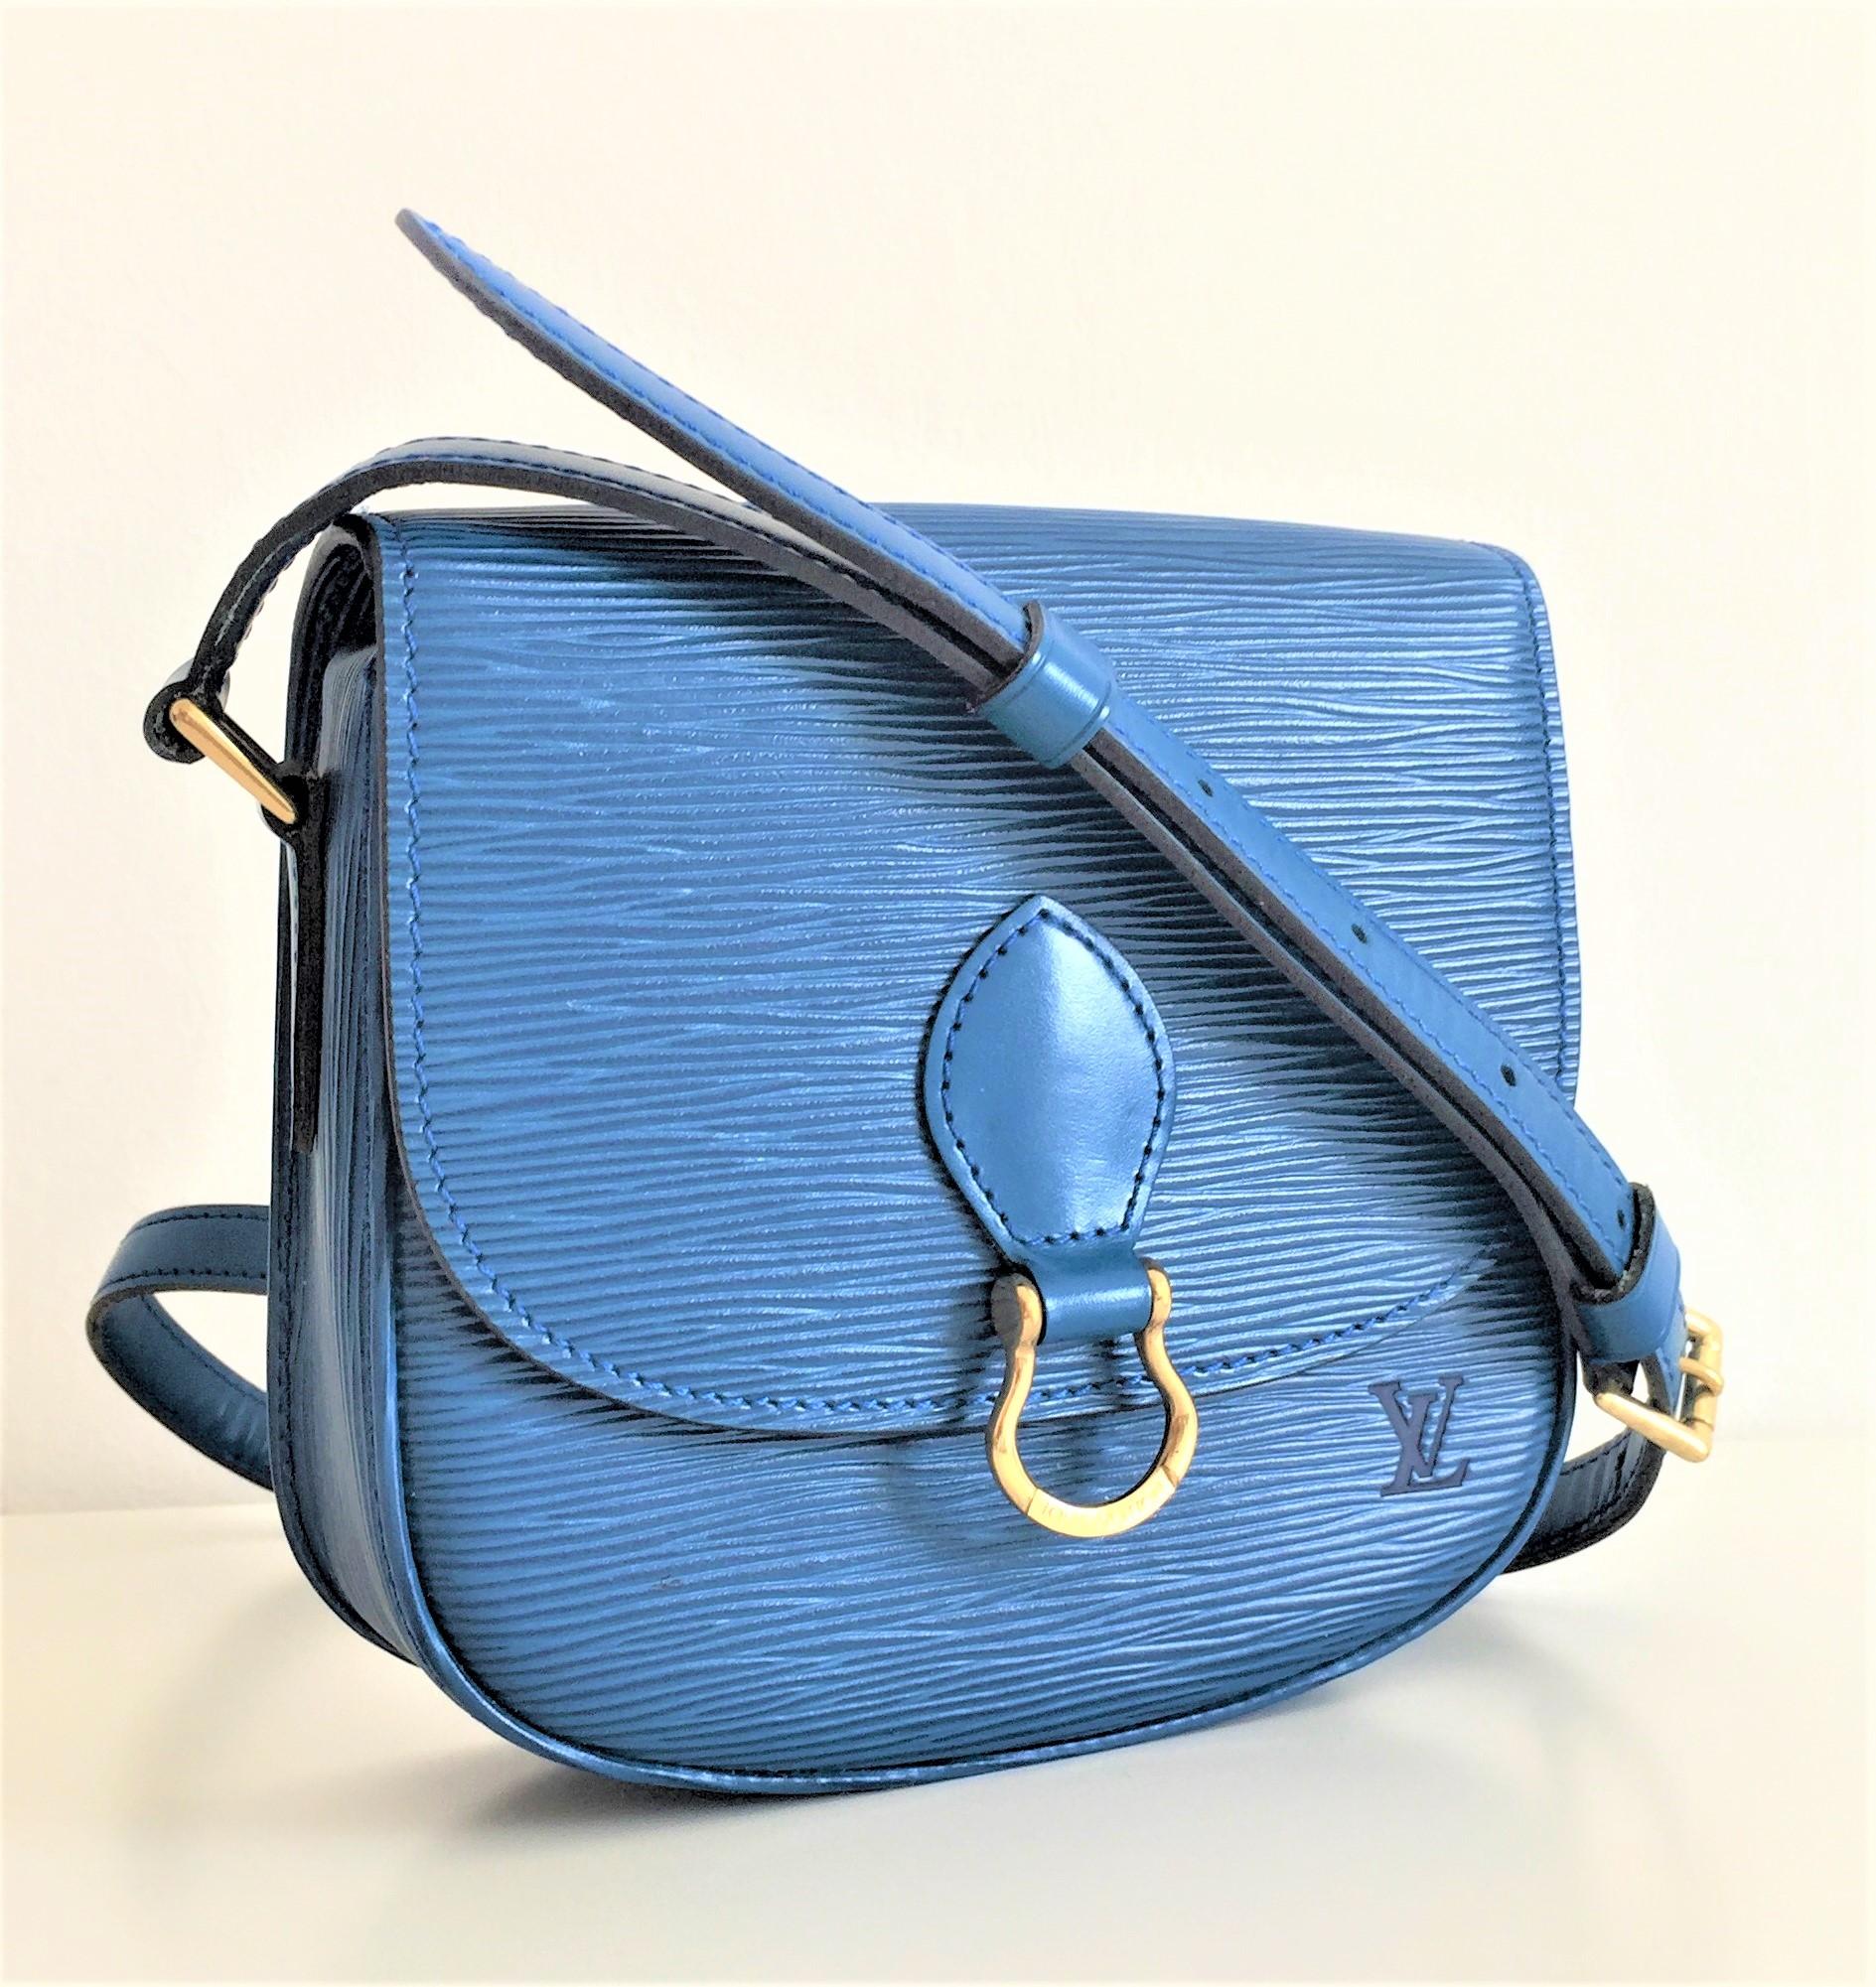 99272054a6ff Louis Vuitton Mini Saint Cloud cross body shoulder bag in Epi Blue Leather  ...